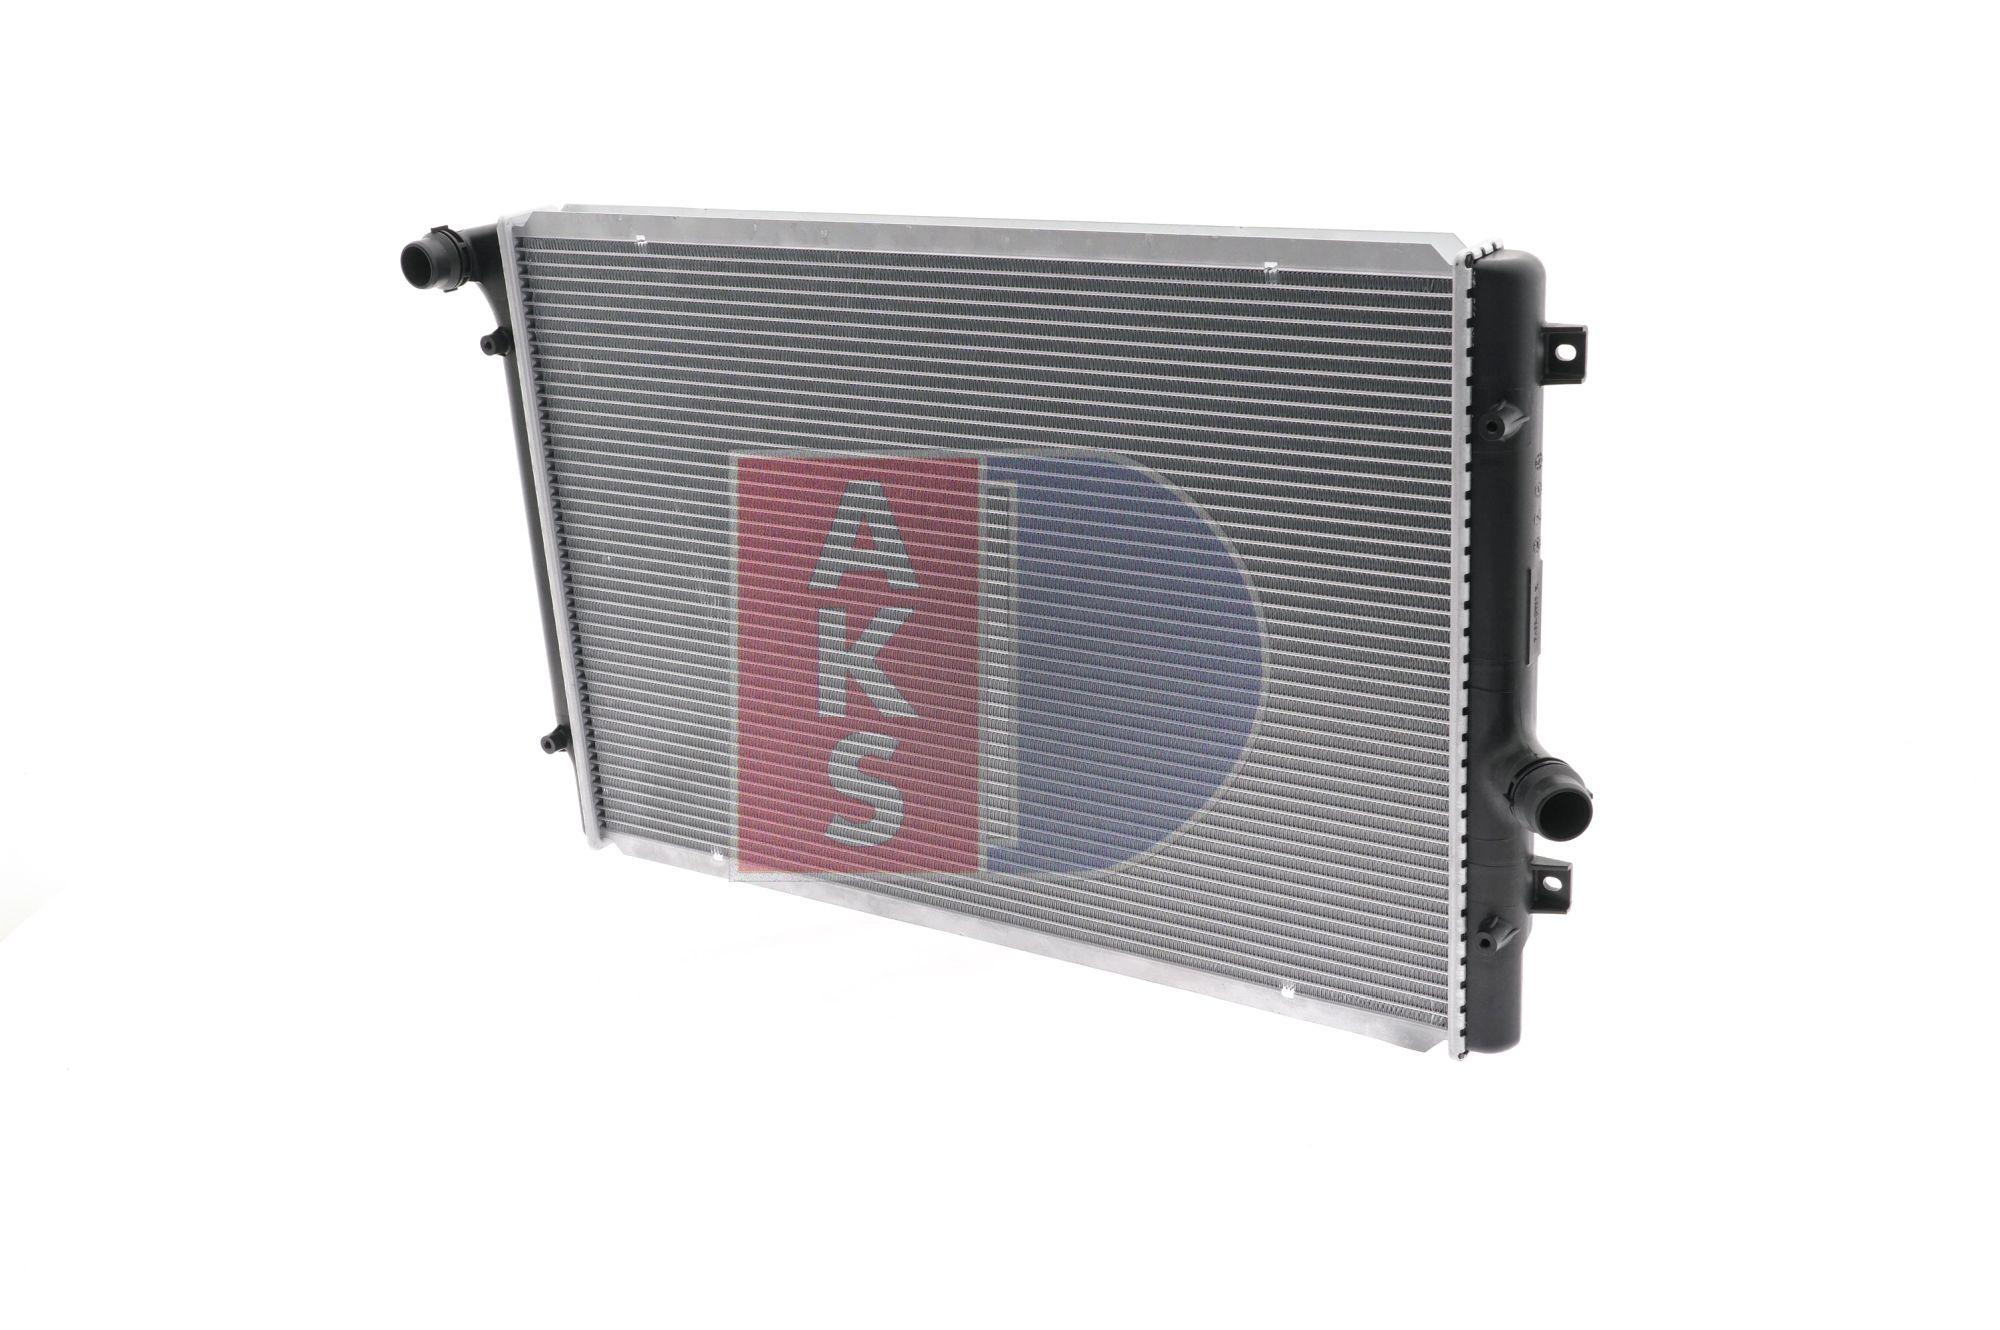 Kühler AKS DASIS 040026N Bewertung